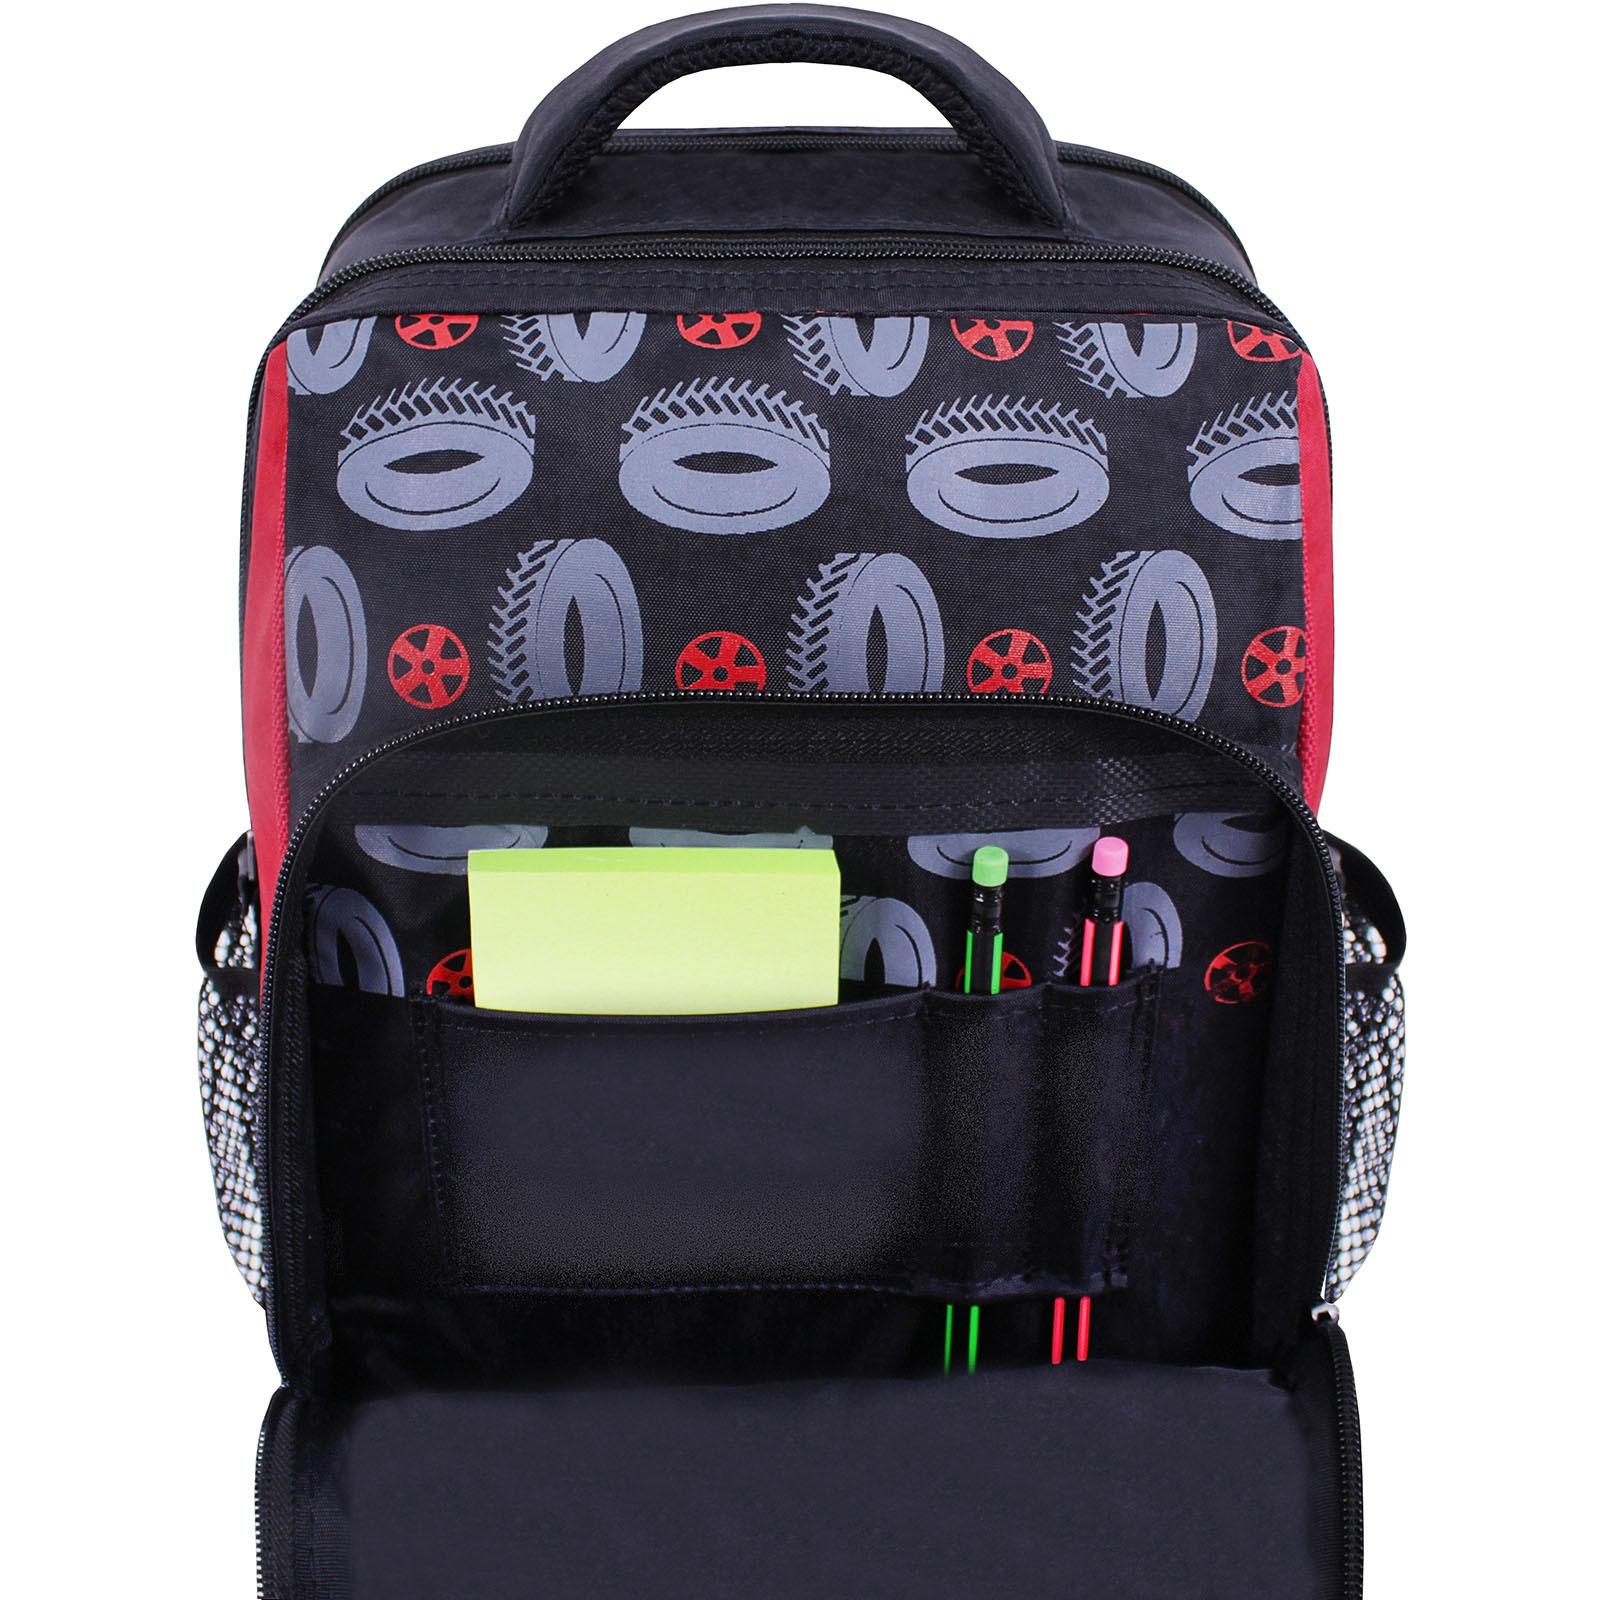 Рюкзак школьный Bagland Школьник 8 л. черный 568 (0012870) фото 4